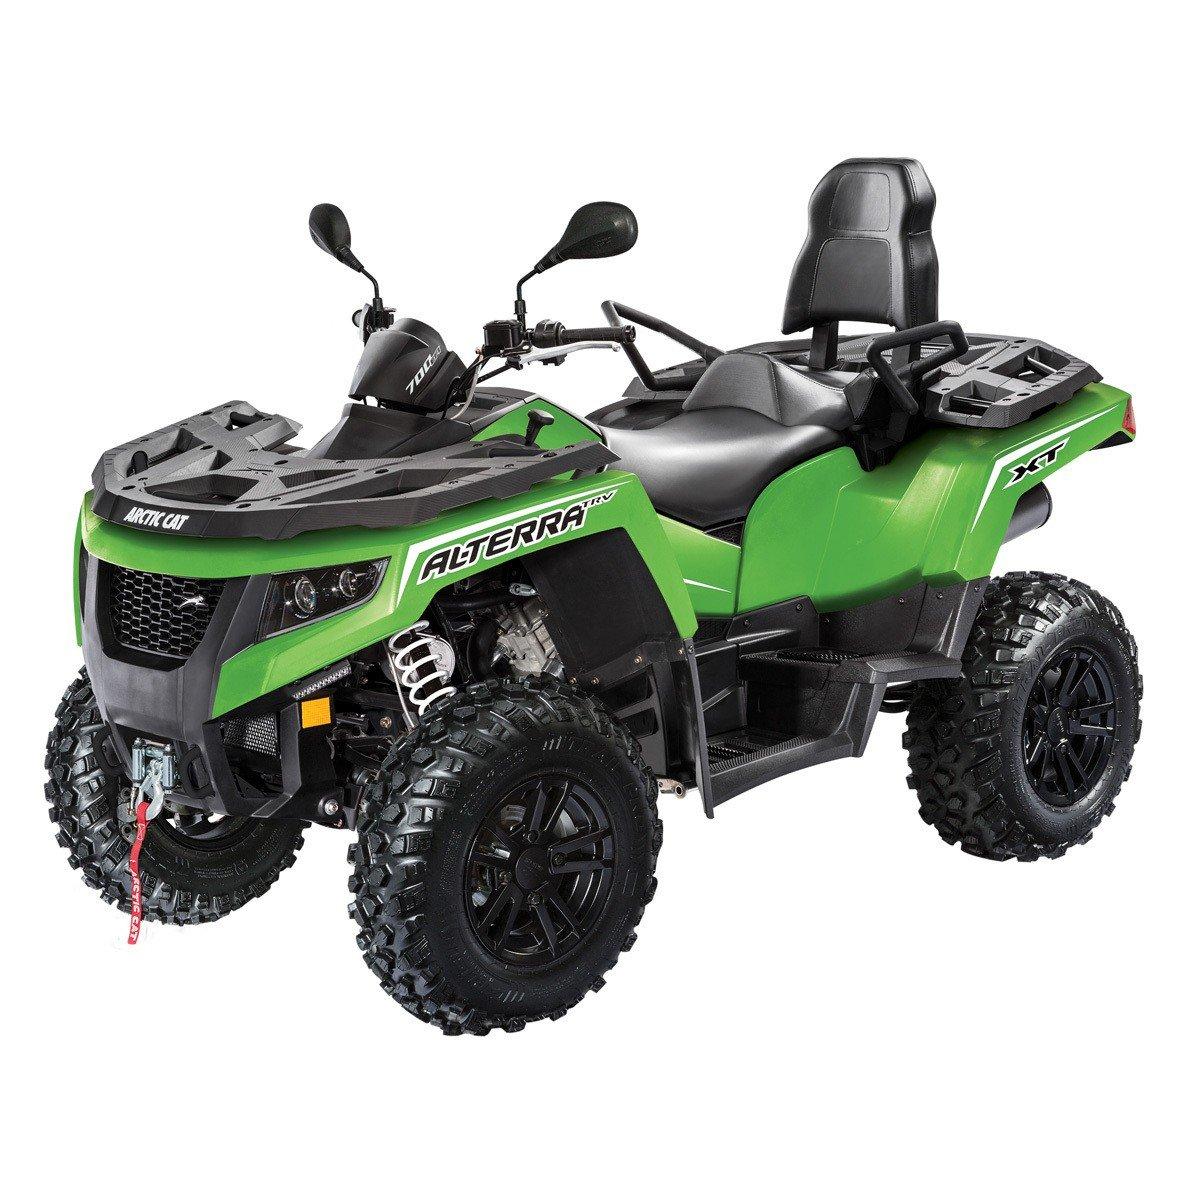 Obrázek produktu ATV Arctic Cat Alterra 700 TRV XT EFP Euro 4 zelená